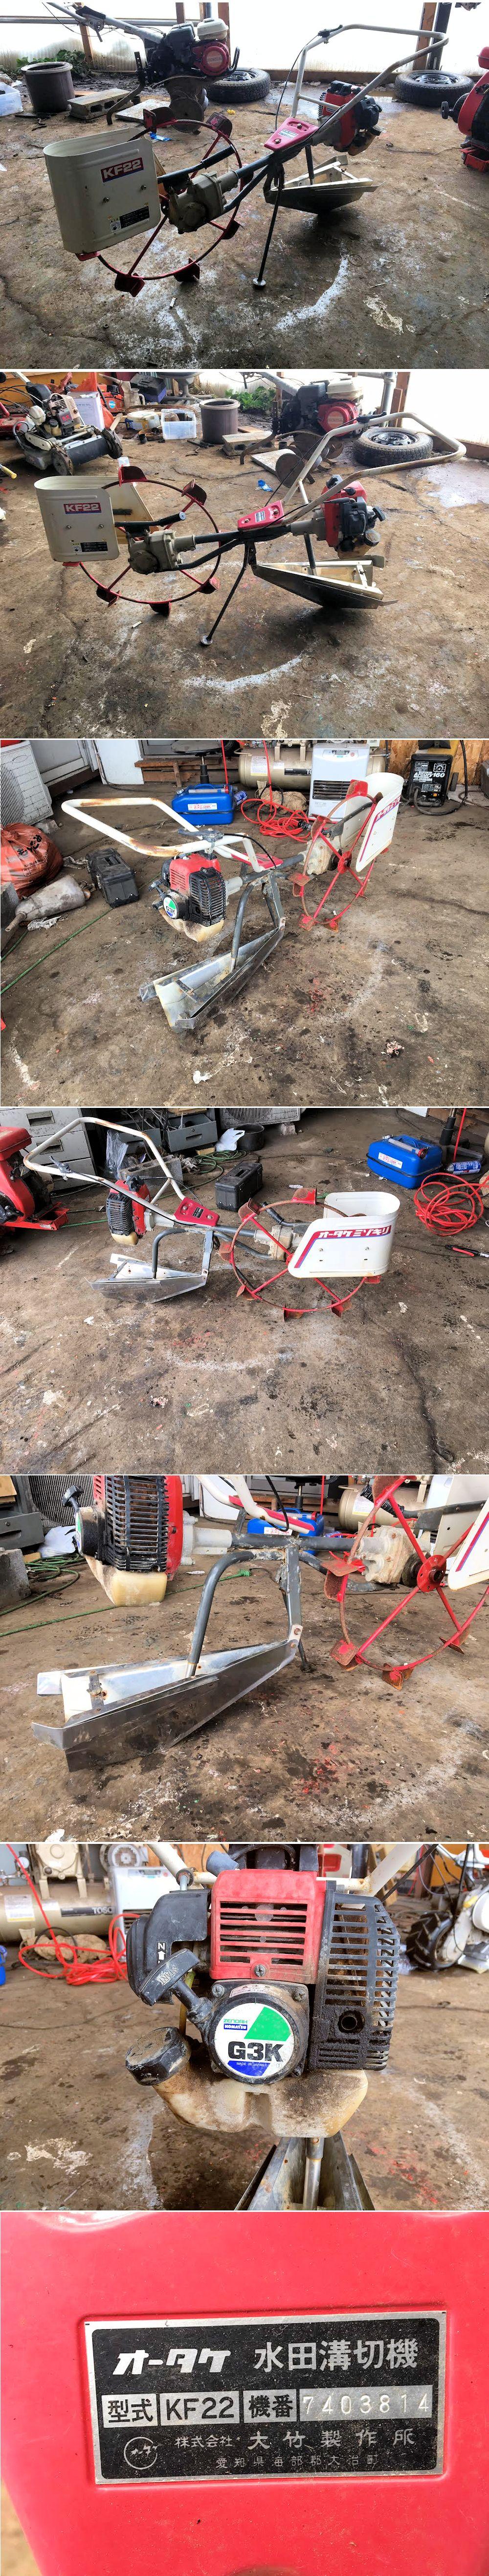 オータケ 大竹製作所 水田溝切機 培土機 KF-22 エンジン ゼノアG3K 実働品 中古